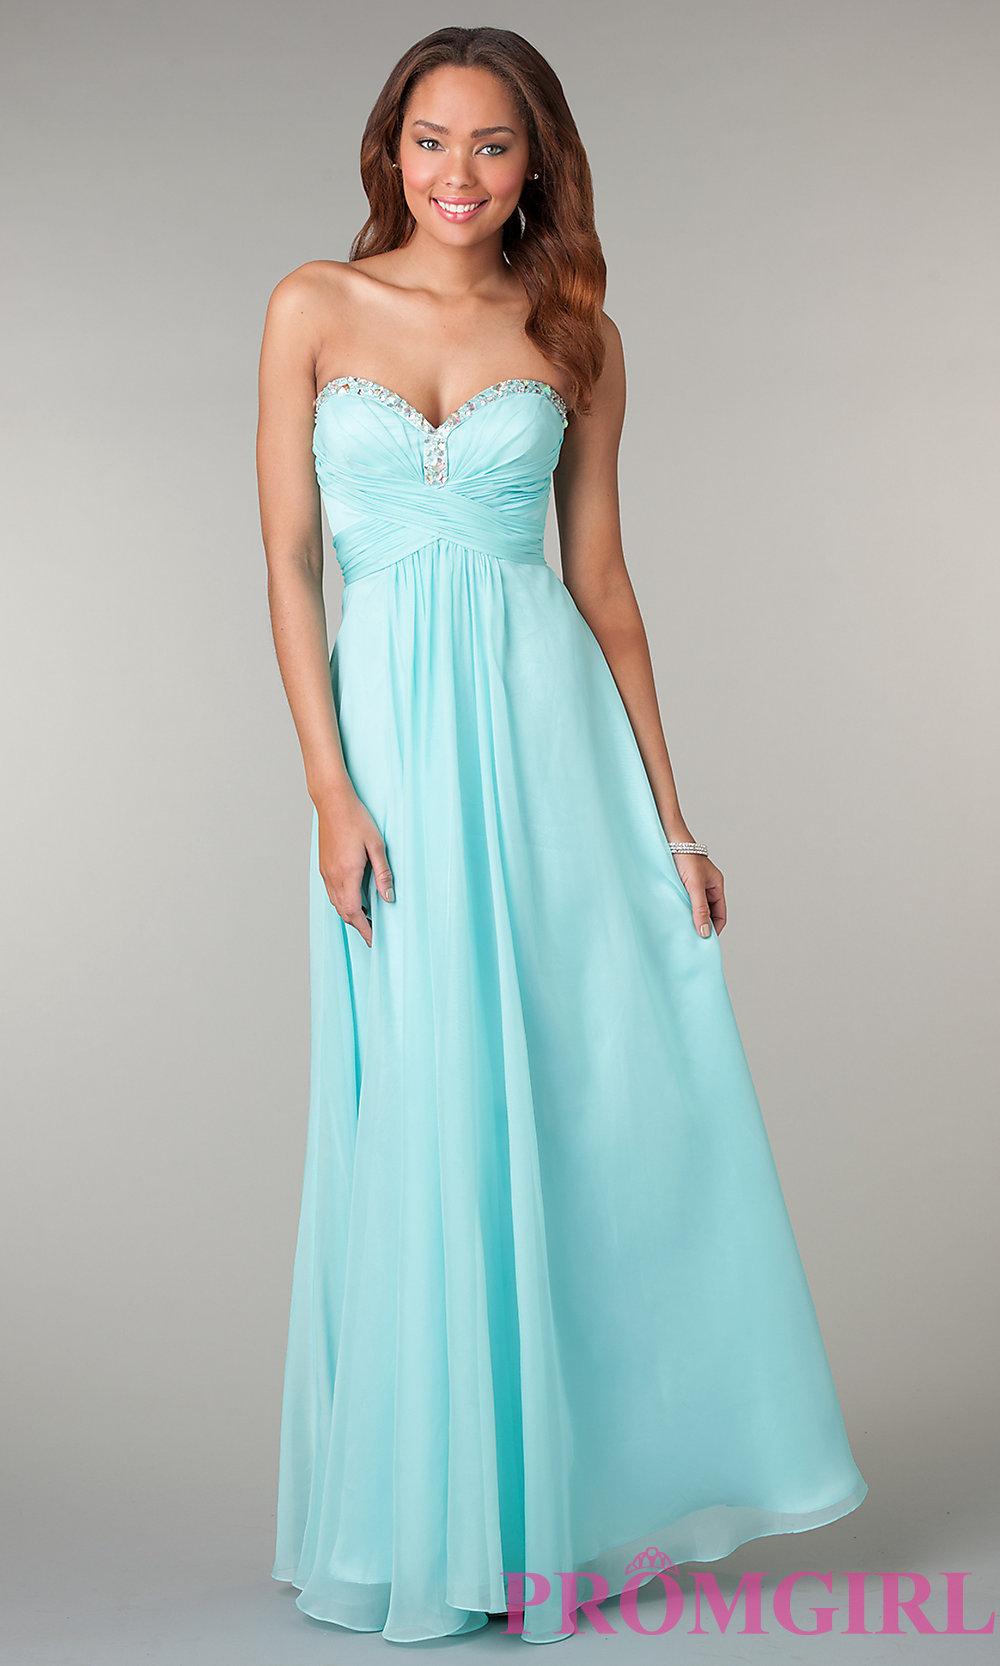 Mint Strapless Prom Dress